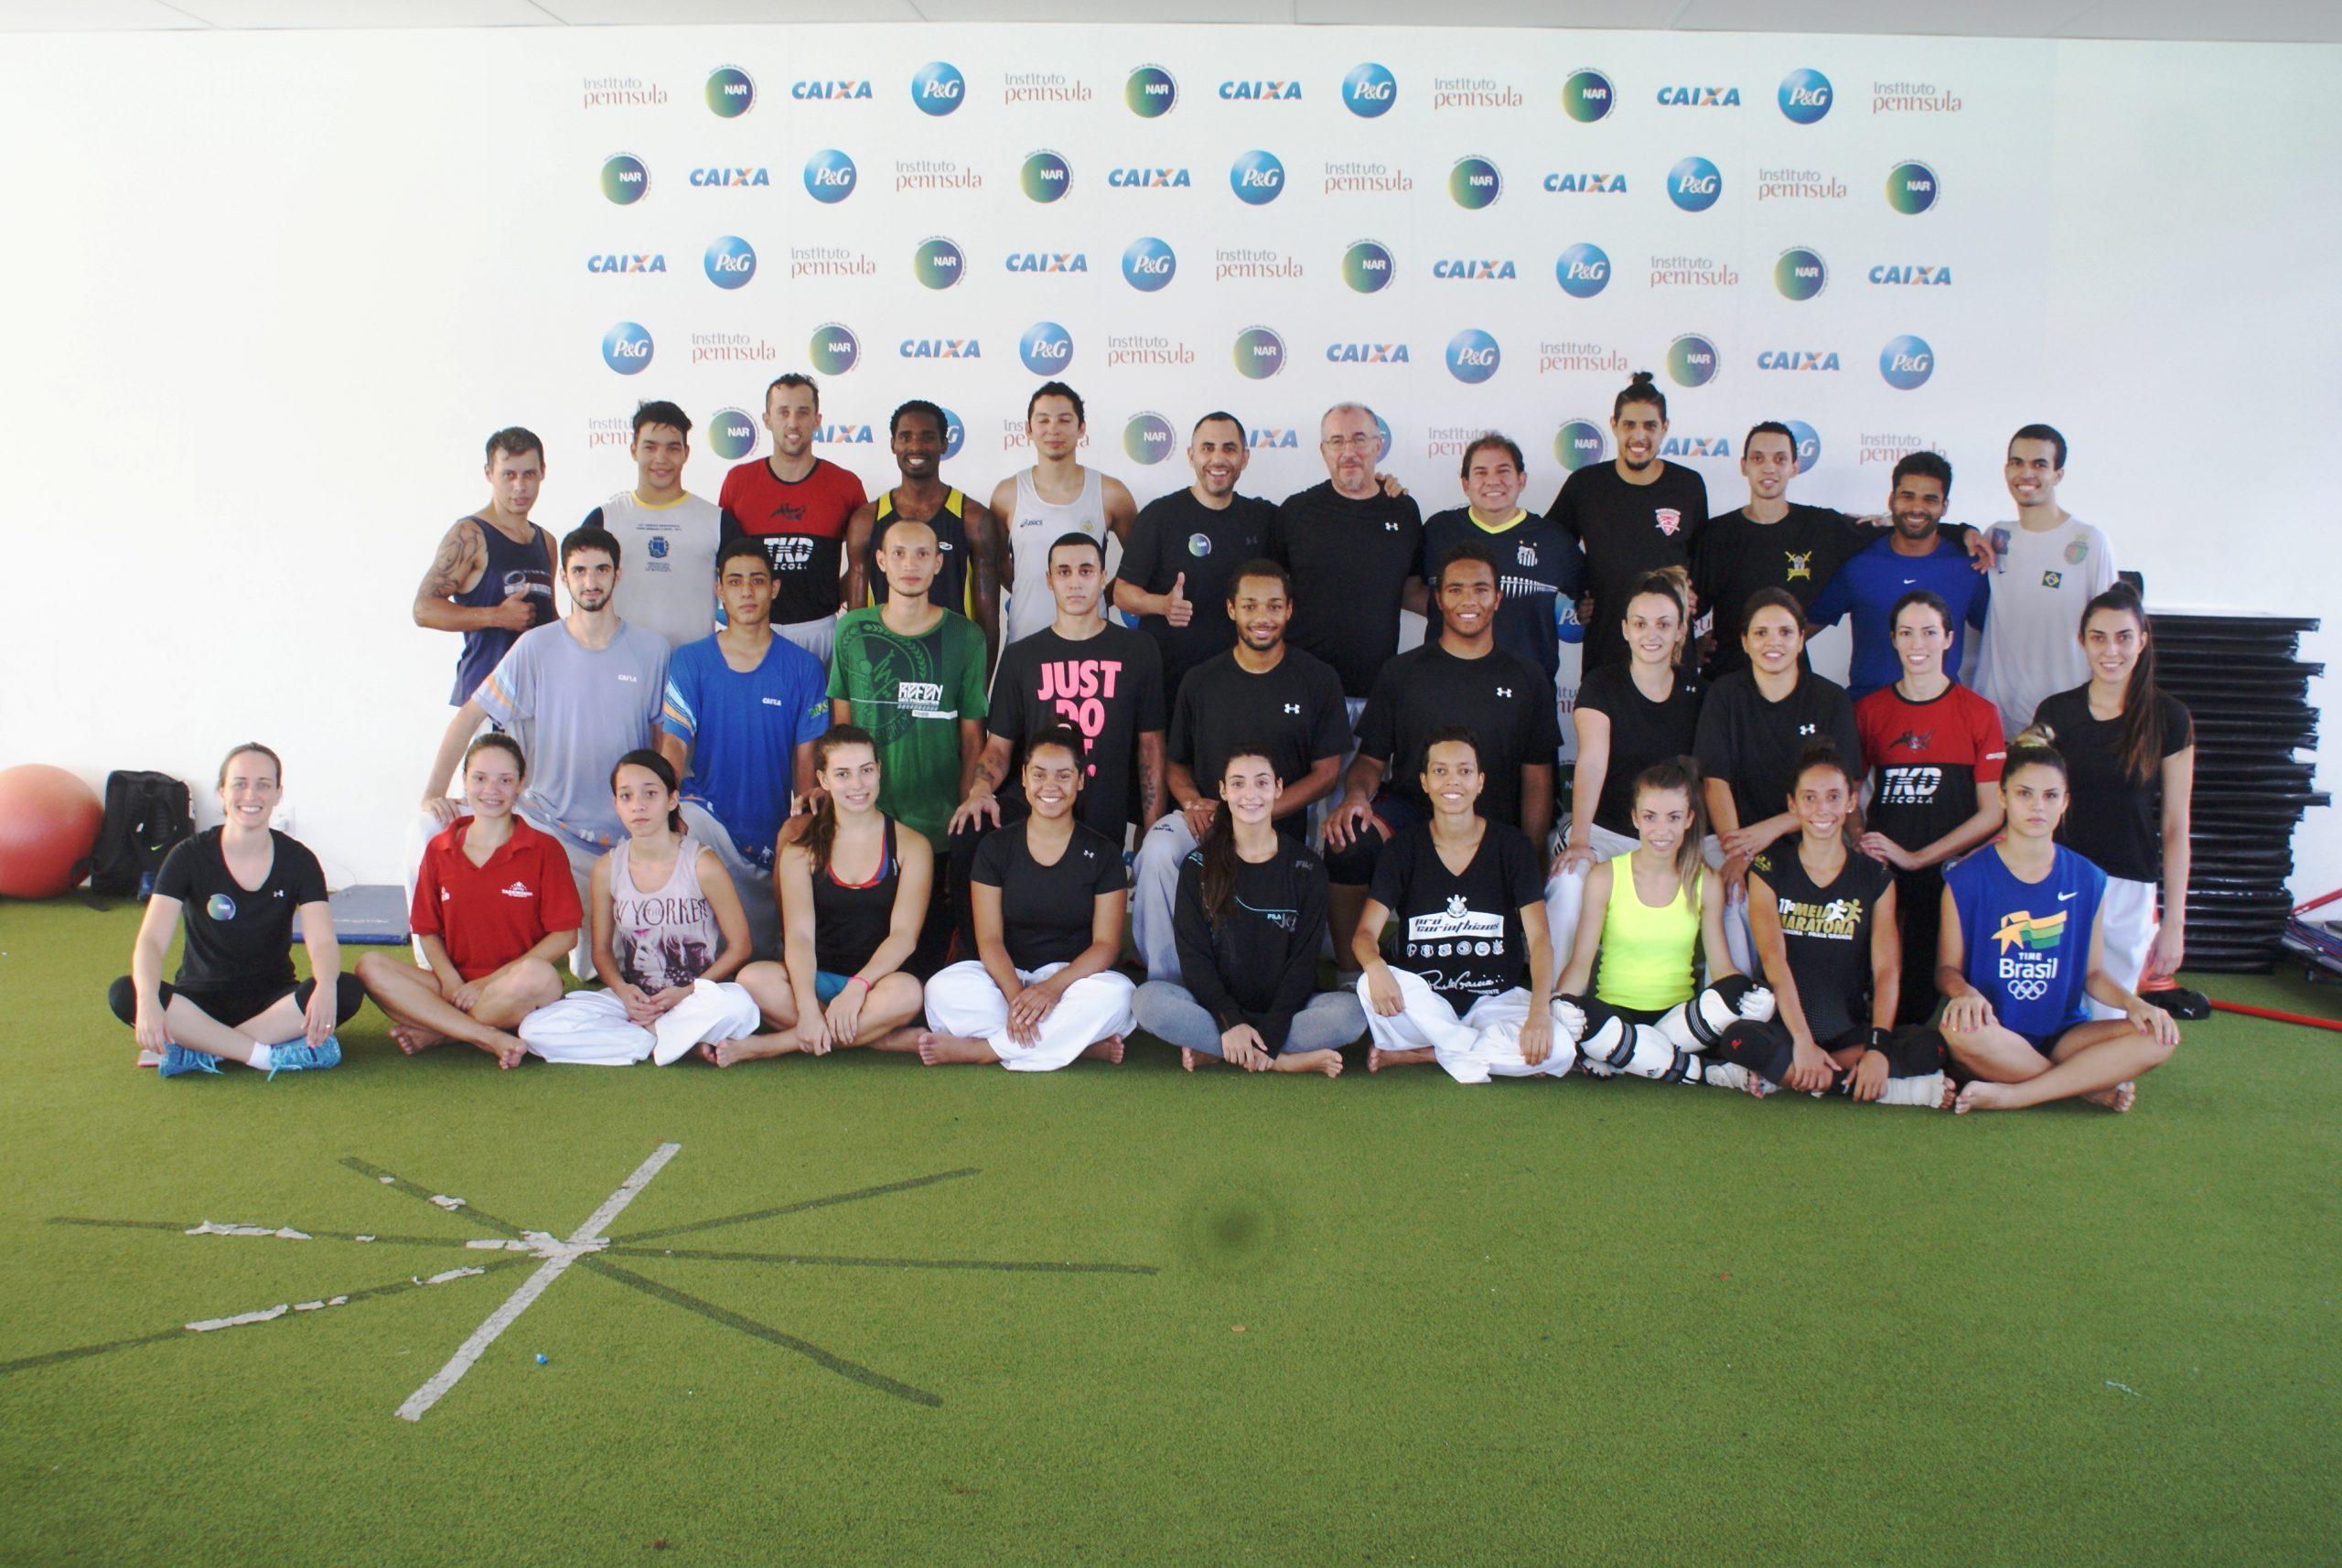 Equipe Carlos Negrão-de taekwondo recebe técnico da seleção brasileira de juniores e sua equipe no NAR